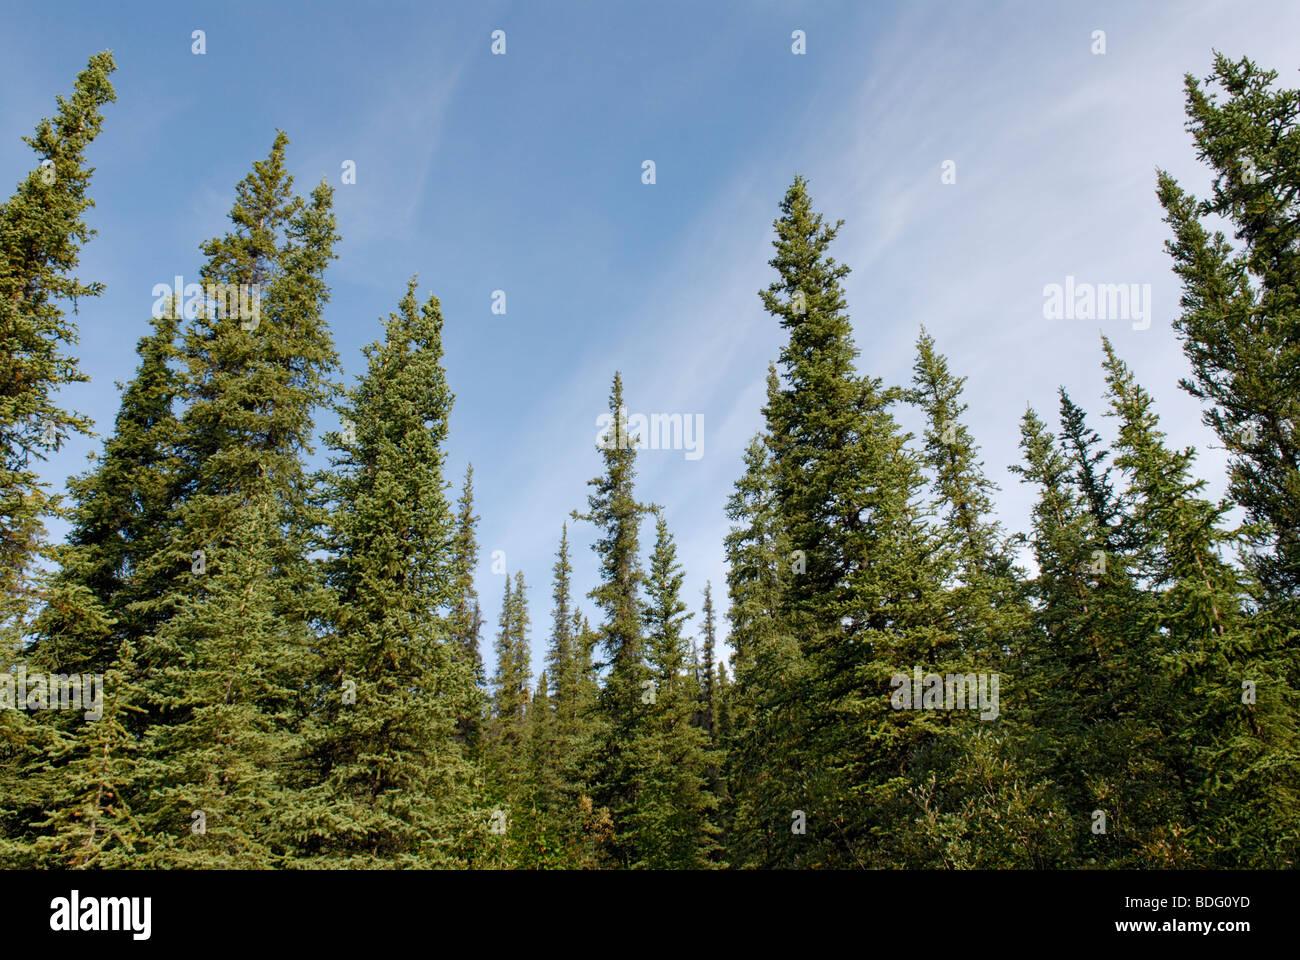 Taiga, Denali National Park, Alaska - Stock Image